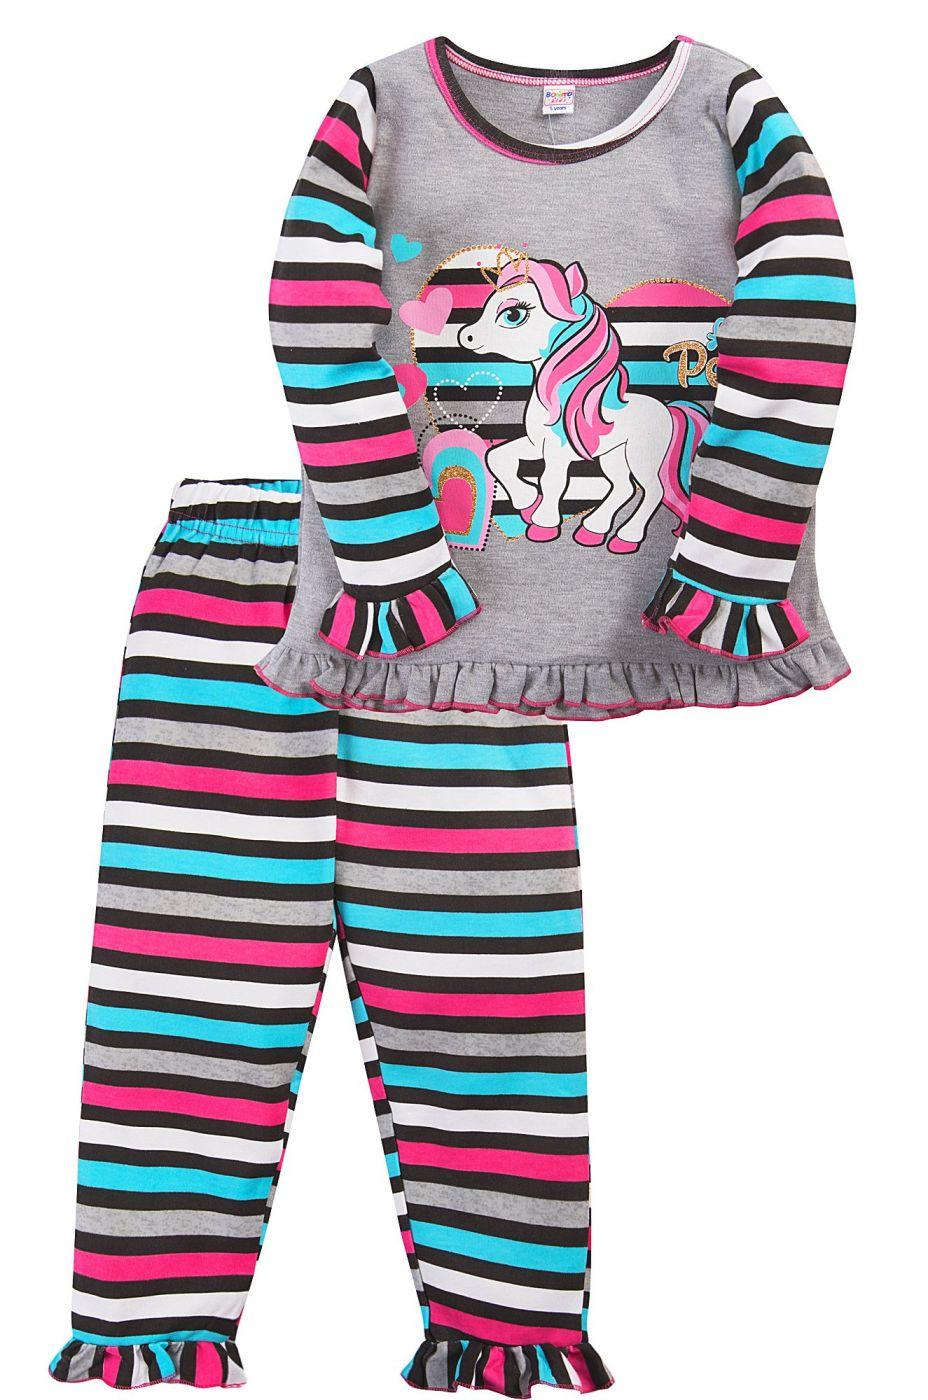 Пижама для девочки Bonito серая в полоску с Pony